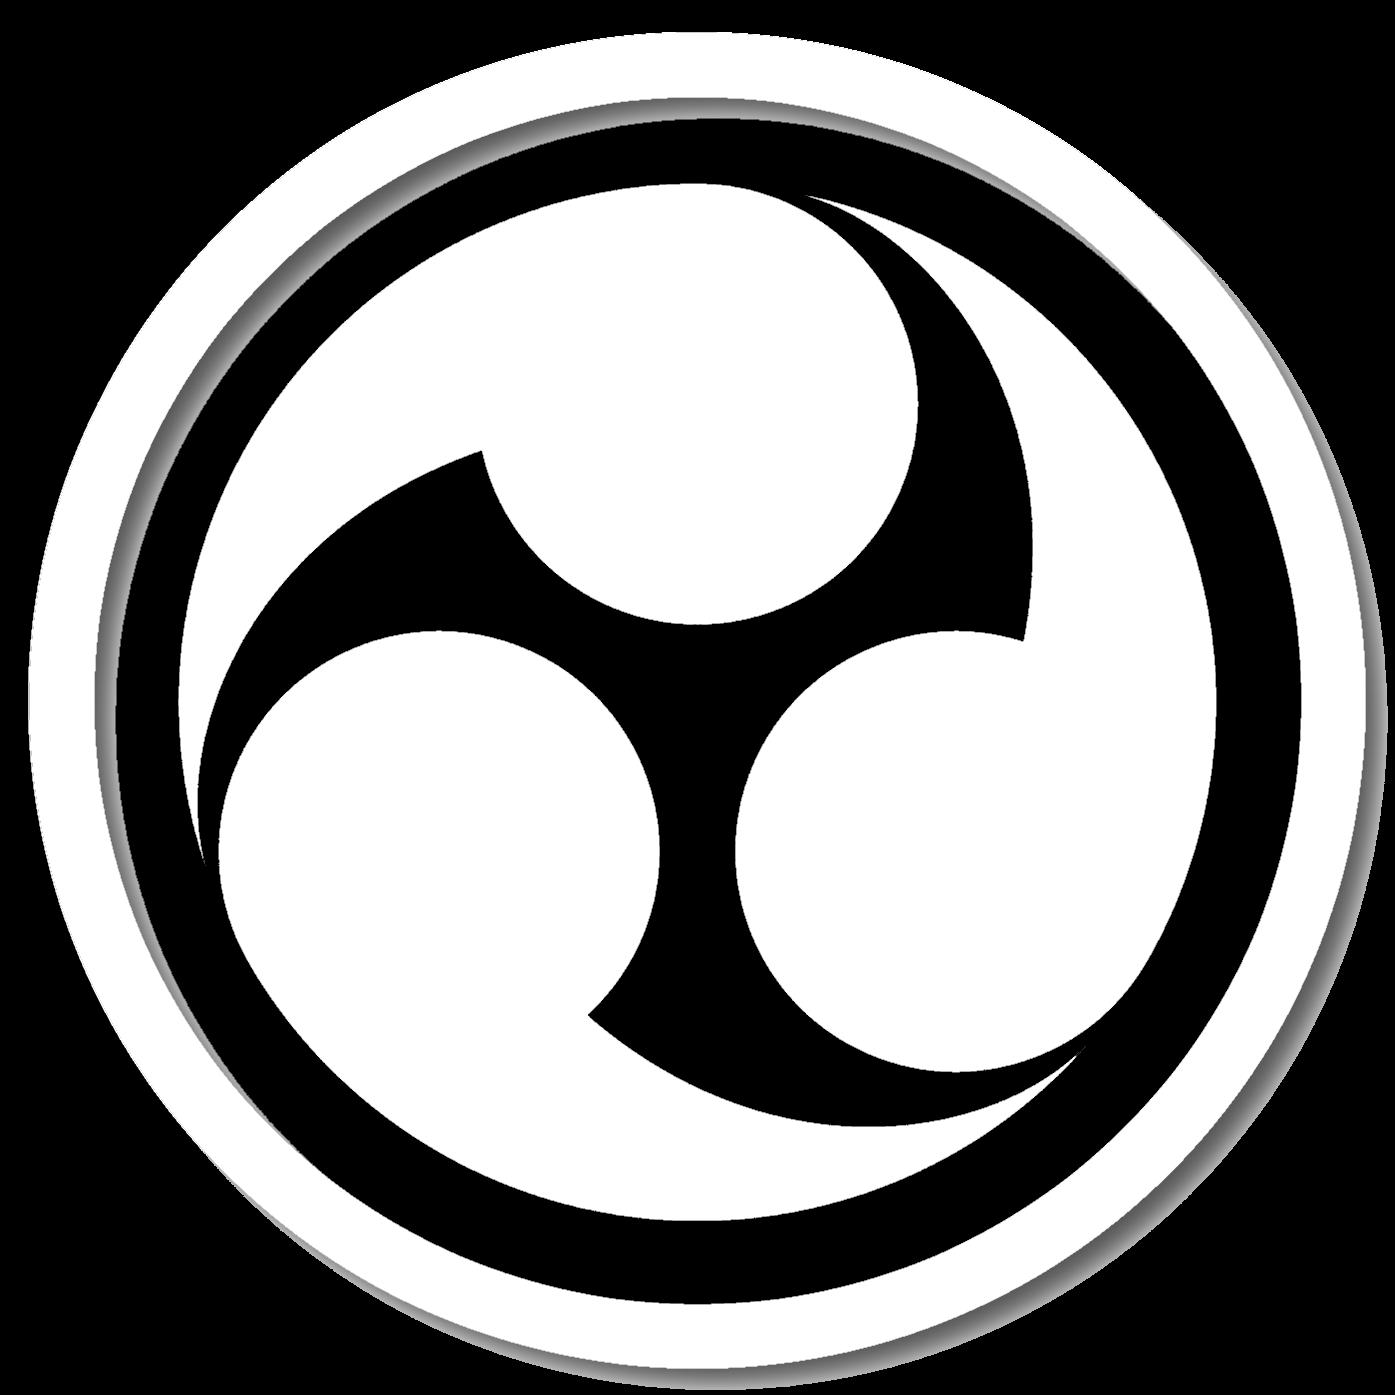 Aïkido Club Tomoe